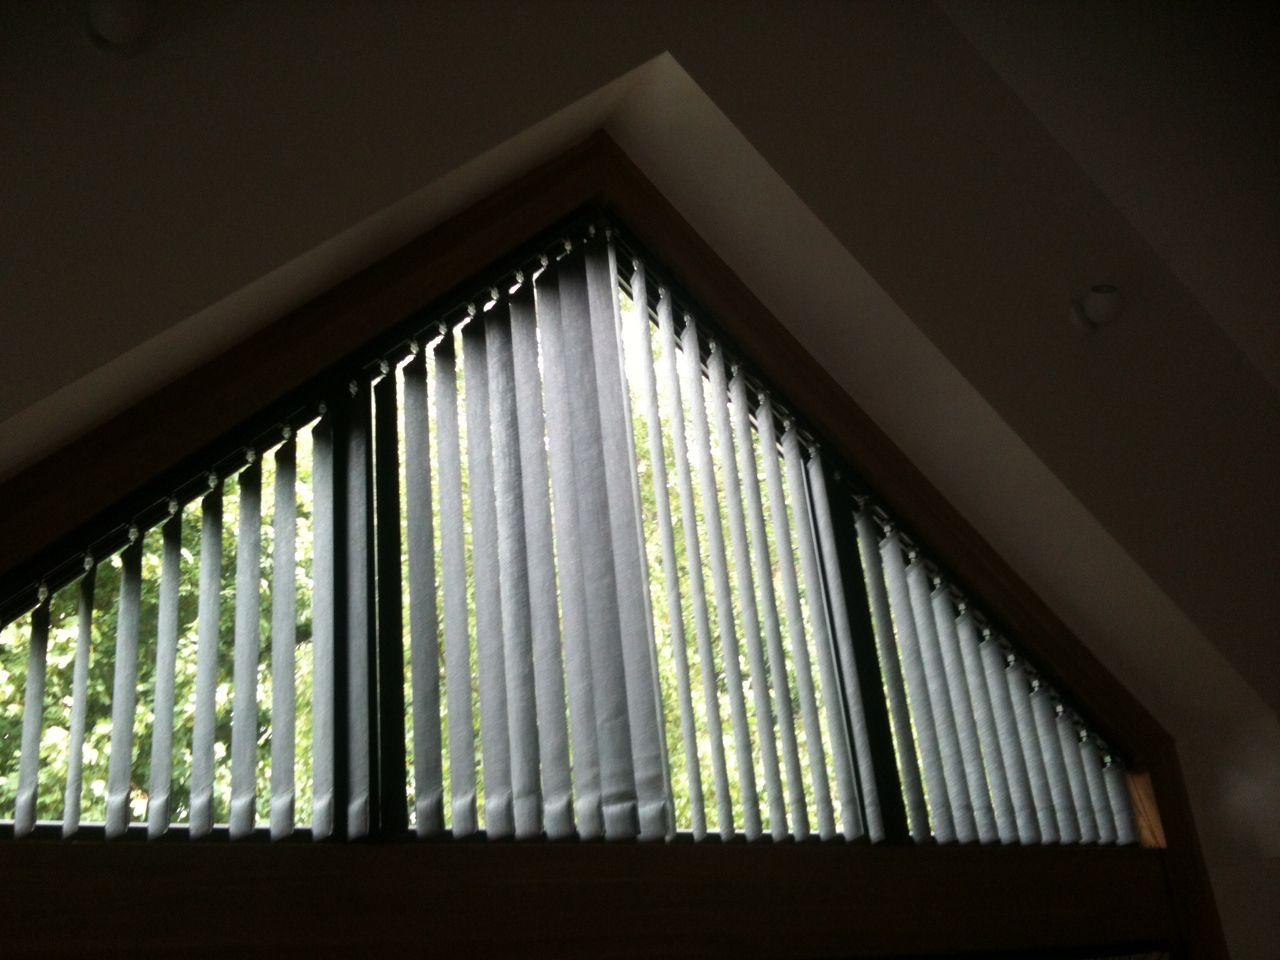 Epingle Par Diana Welborn Sur Curtains Idees Pour La Maison